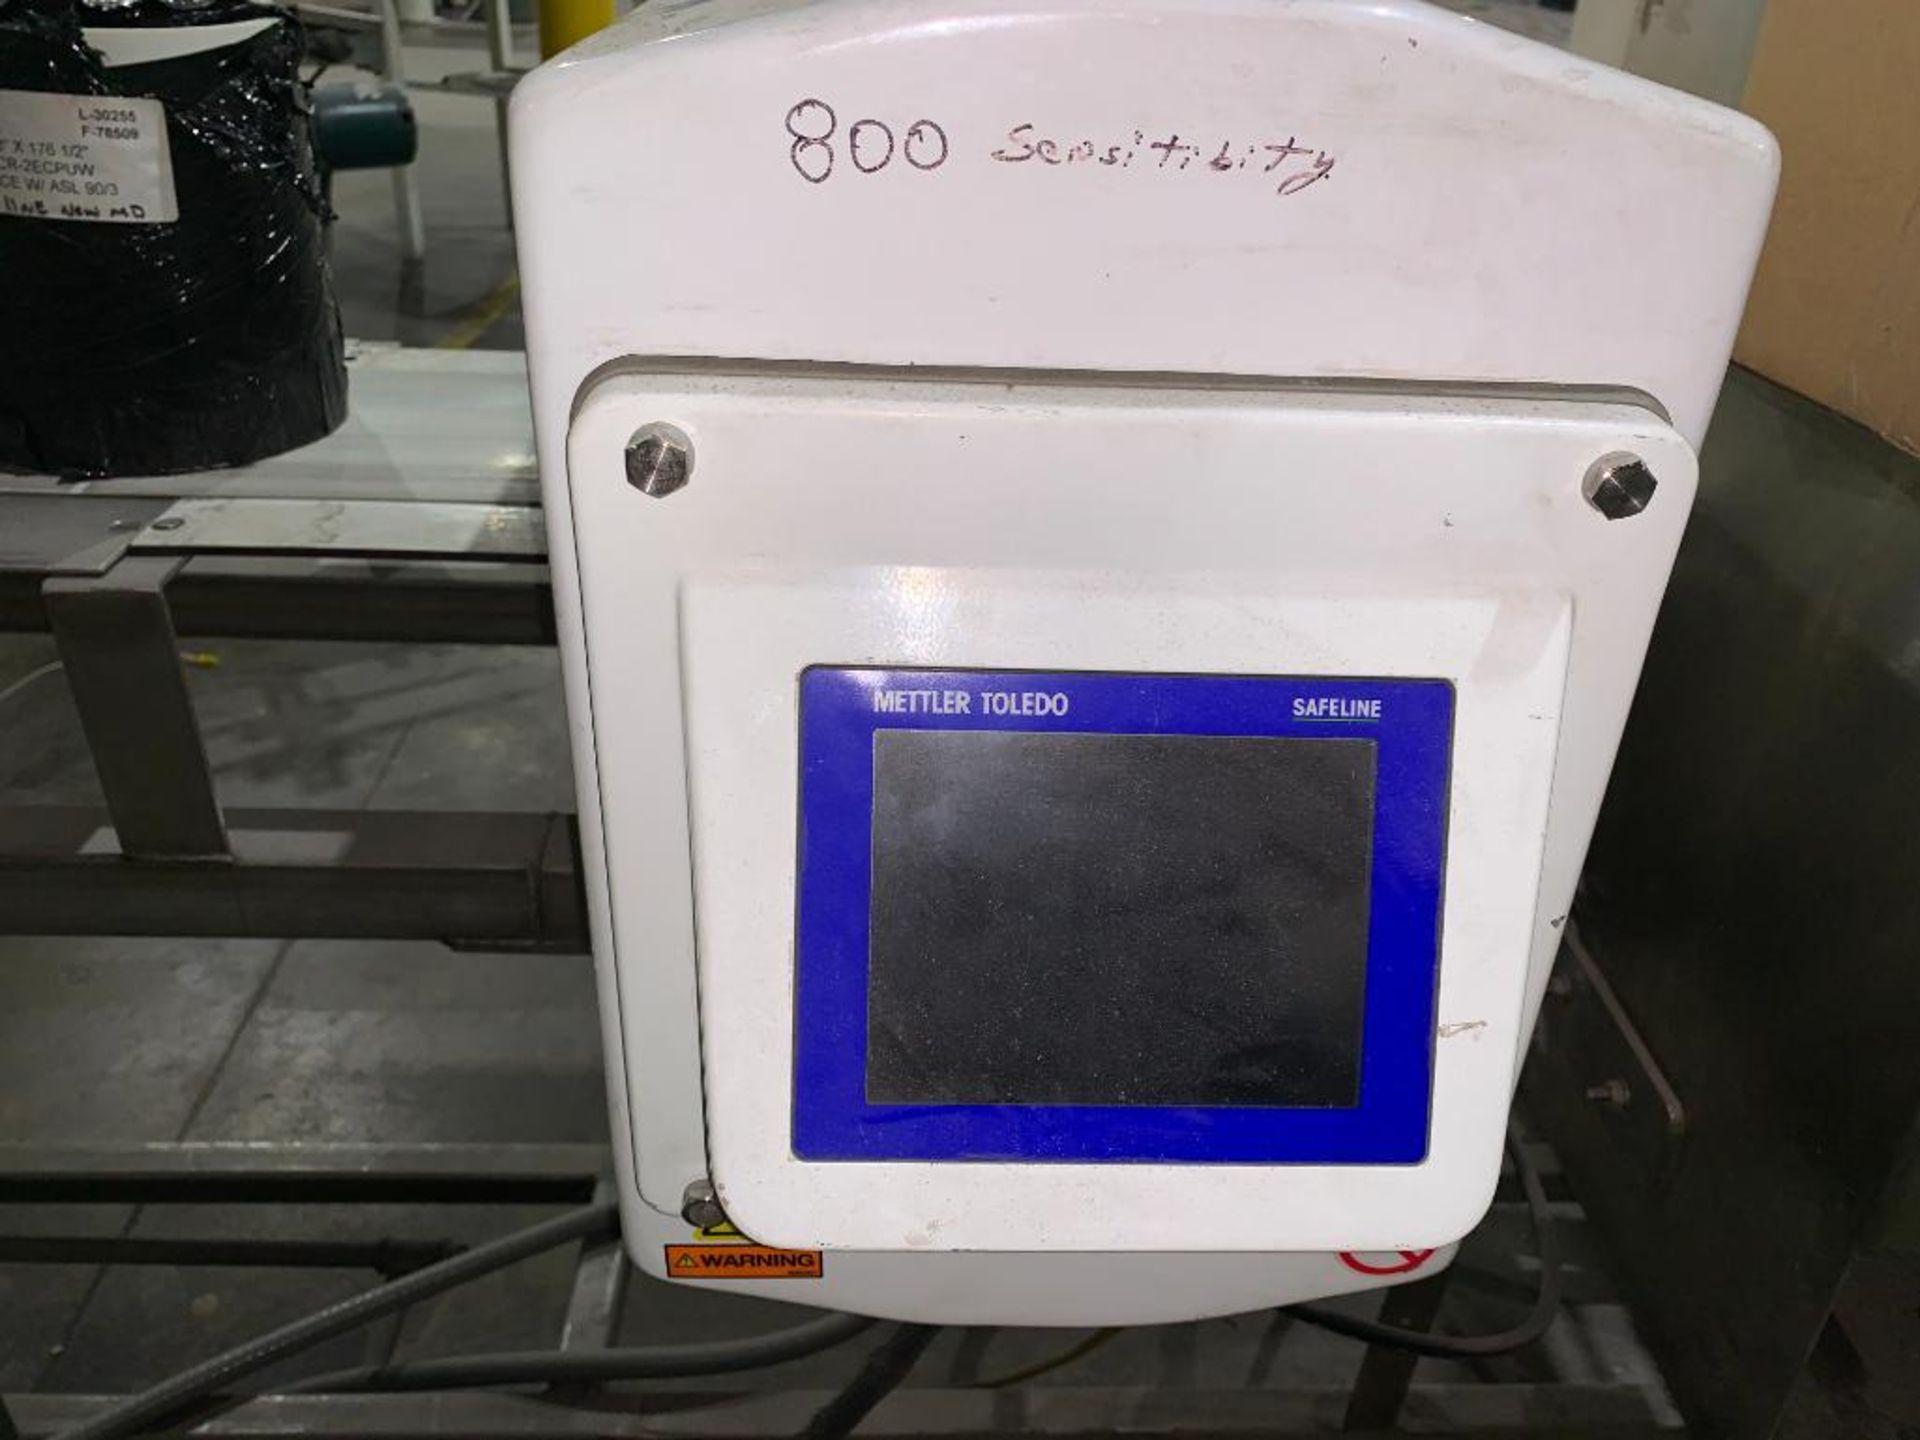 Mettler Toledo metal detector - Image 10 of 24